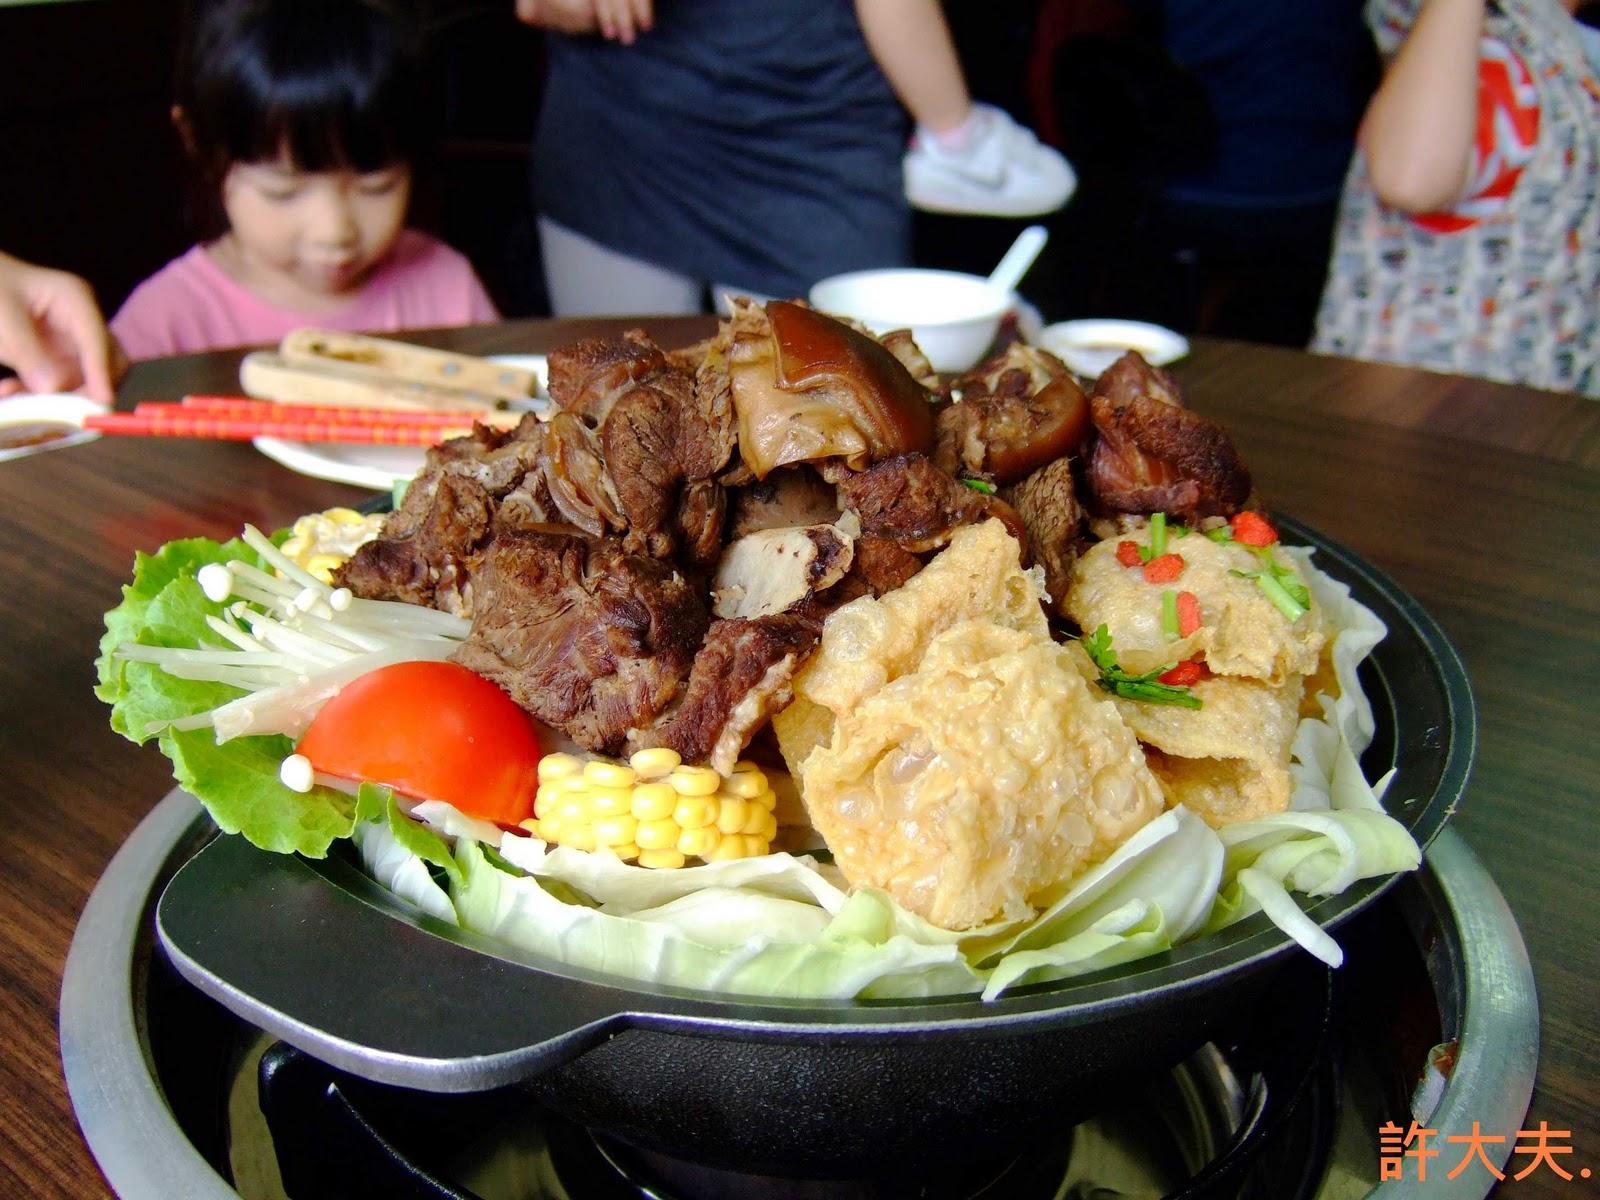 許大夫的Blog: 2011.10.09 岡山舊市場羊肉+淨園機場咖啡+翠湖吃土雞